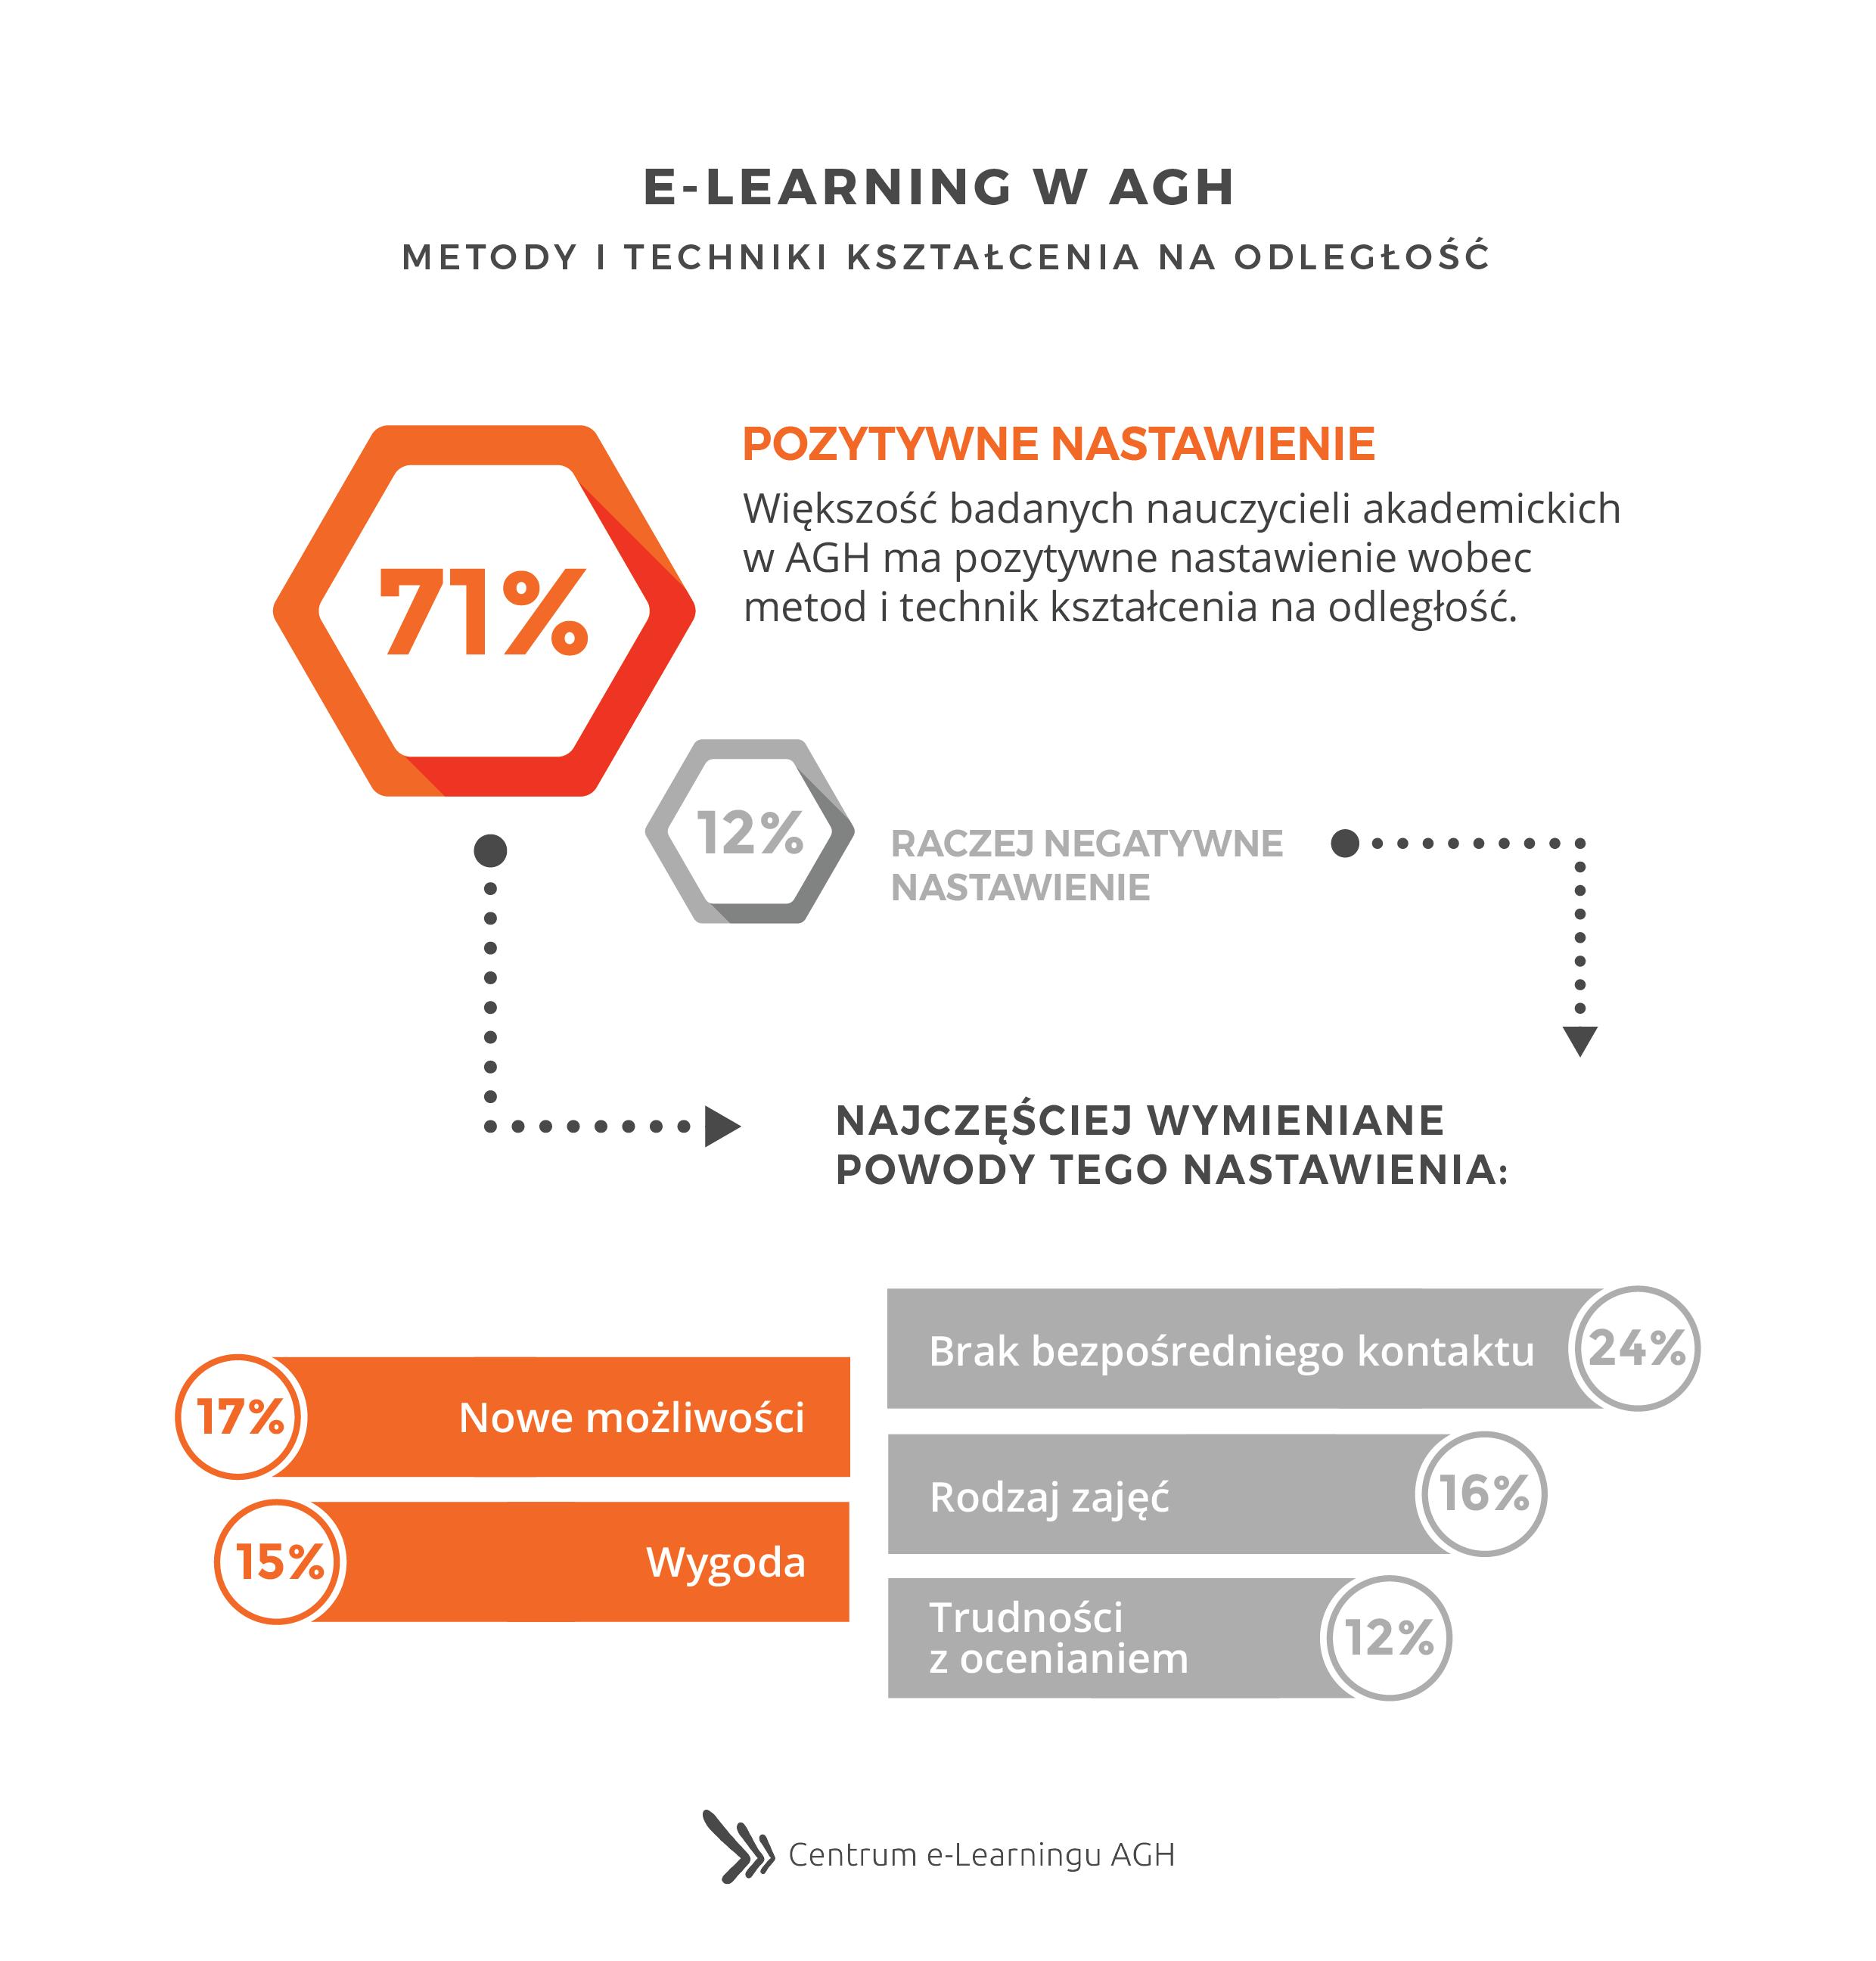 e-Learning w AGH - Metody i techniki kształcenia na odległość